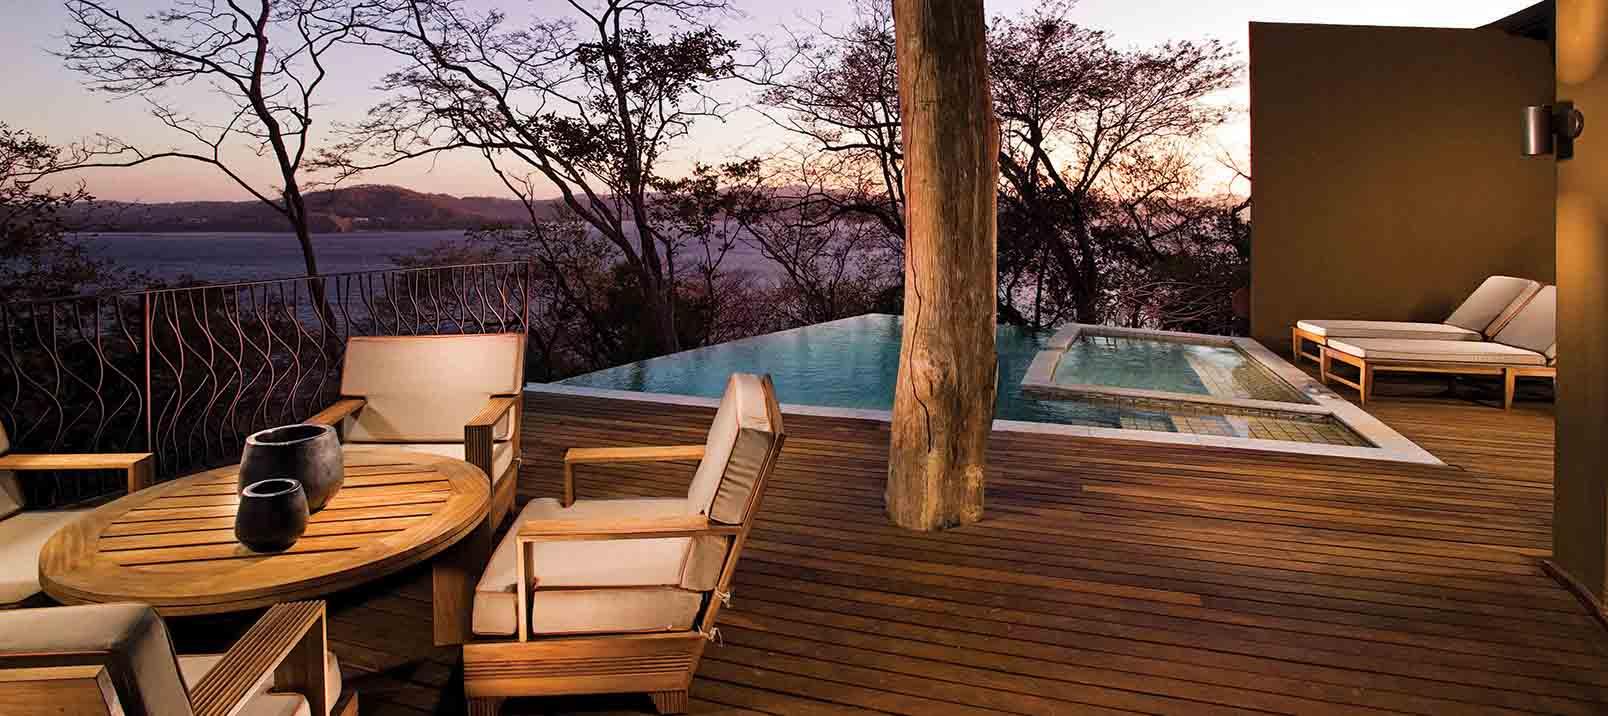 er-residence-header-disp-residence-costa-rica-venado-4-1.jpg